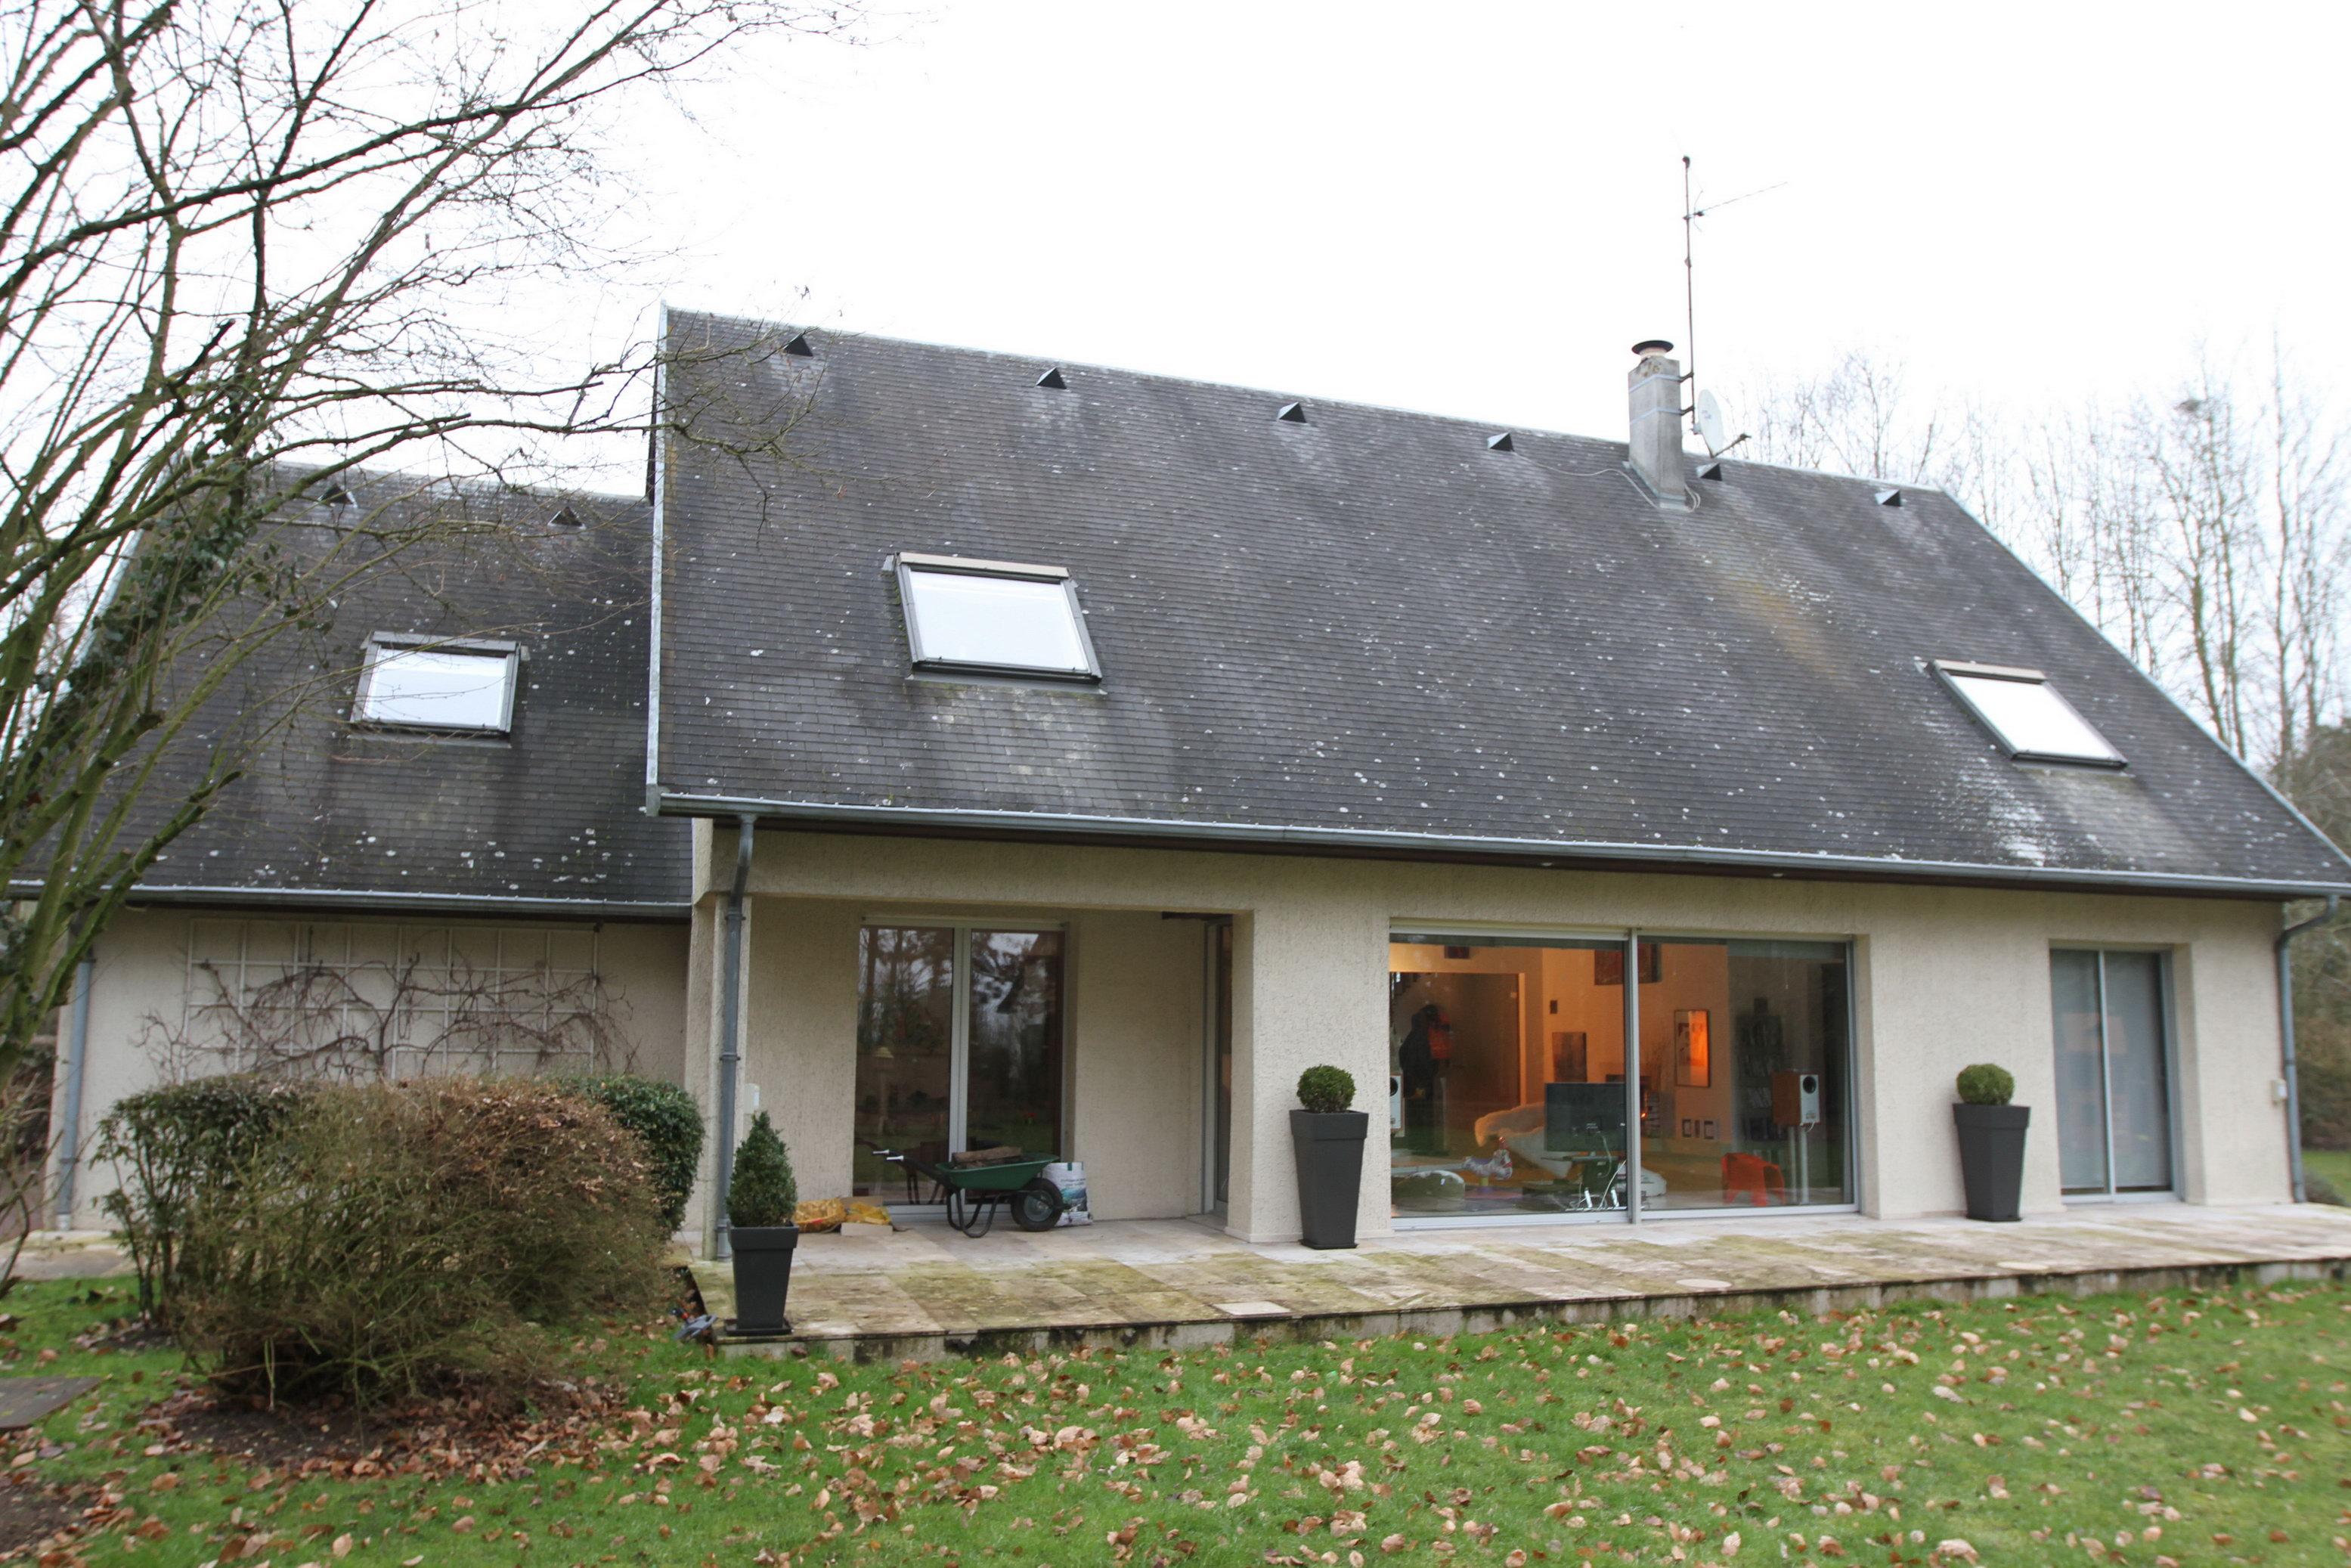 Pavillon ann es 80 r novation technal - Renovation maison avant apres ...